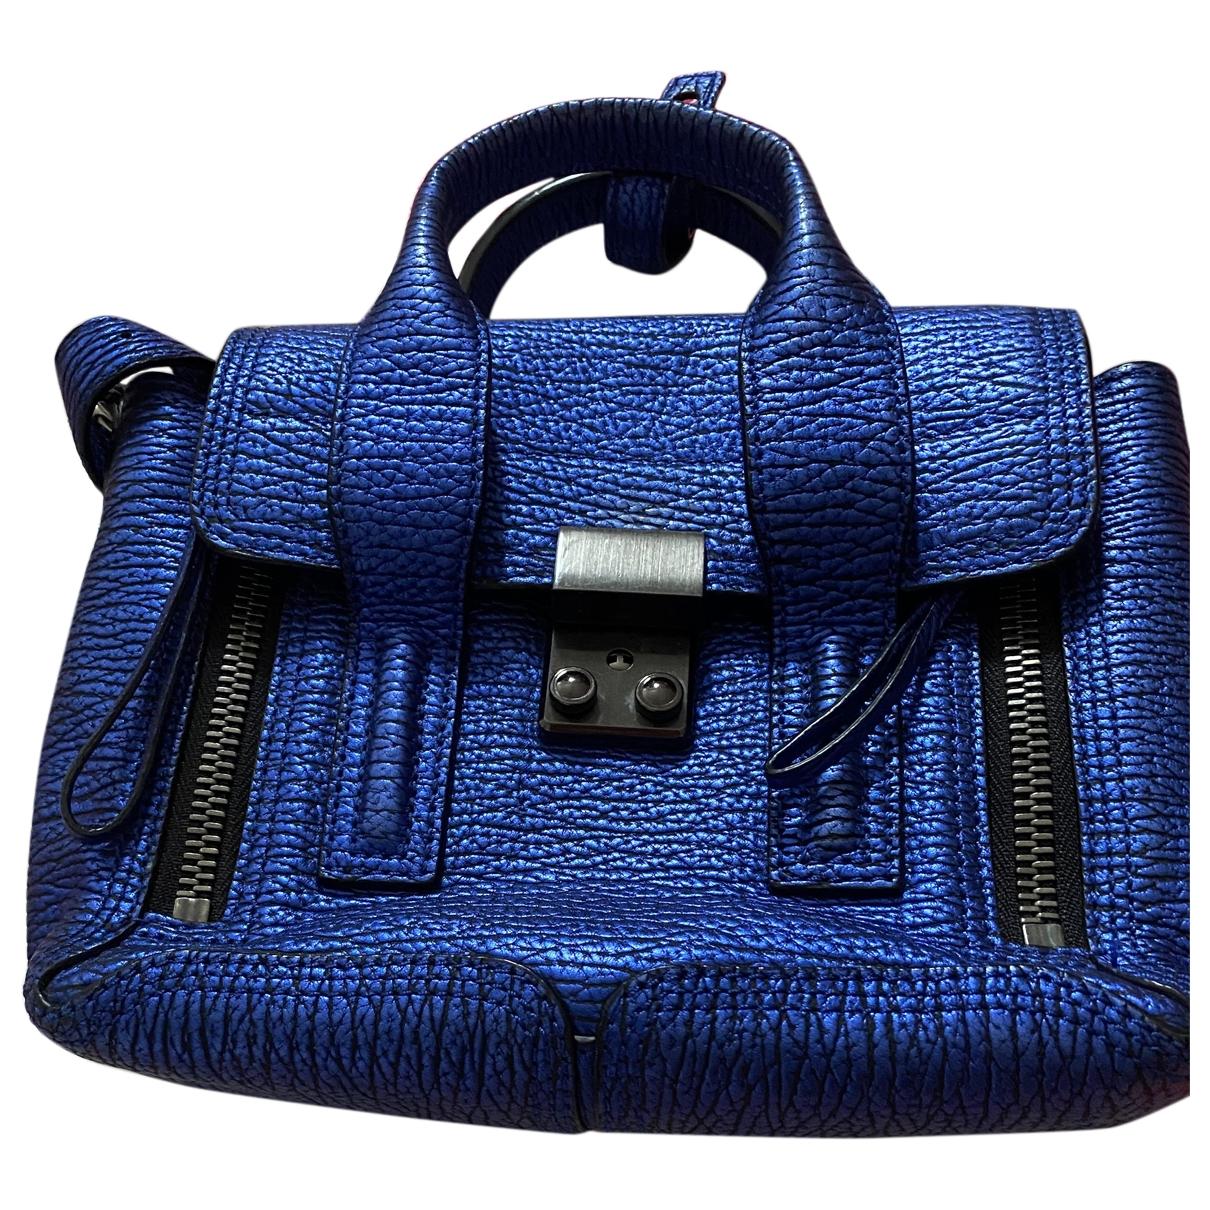 3.1 Phillip Lim - Pochette Pashli pour femme en cuir - bleu